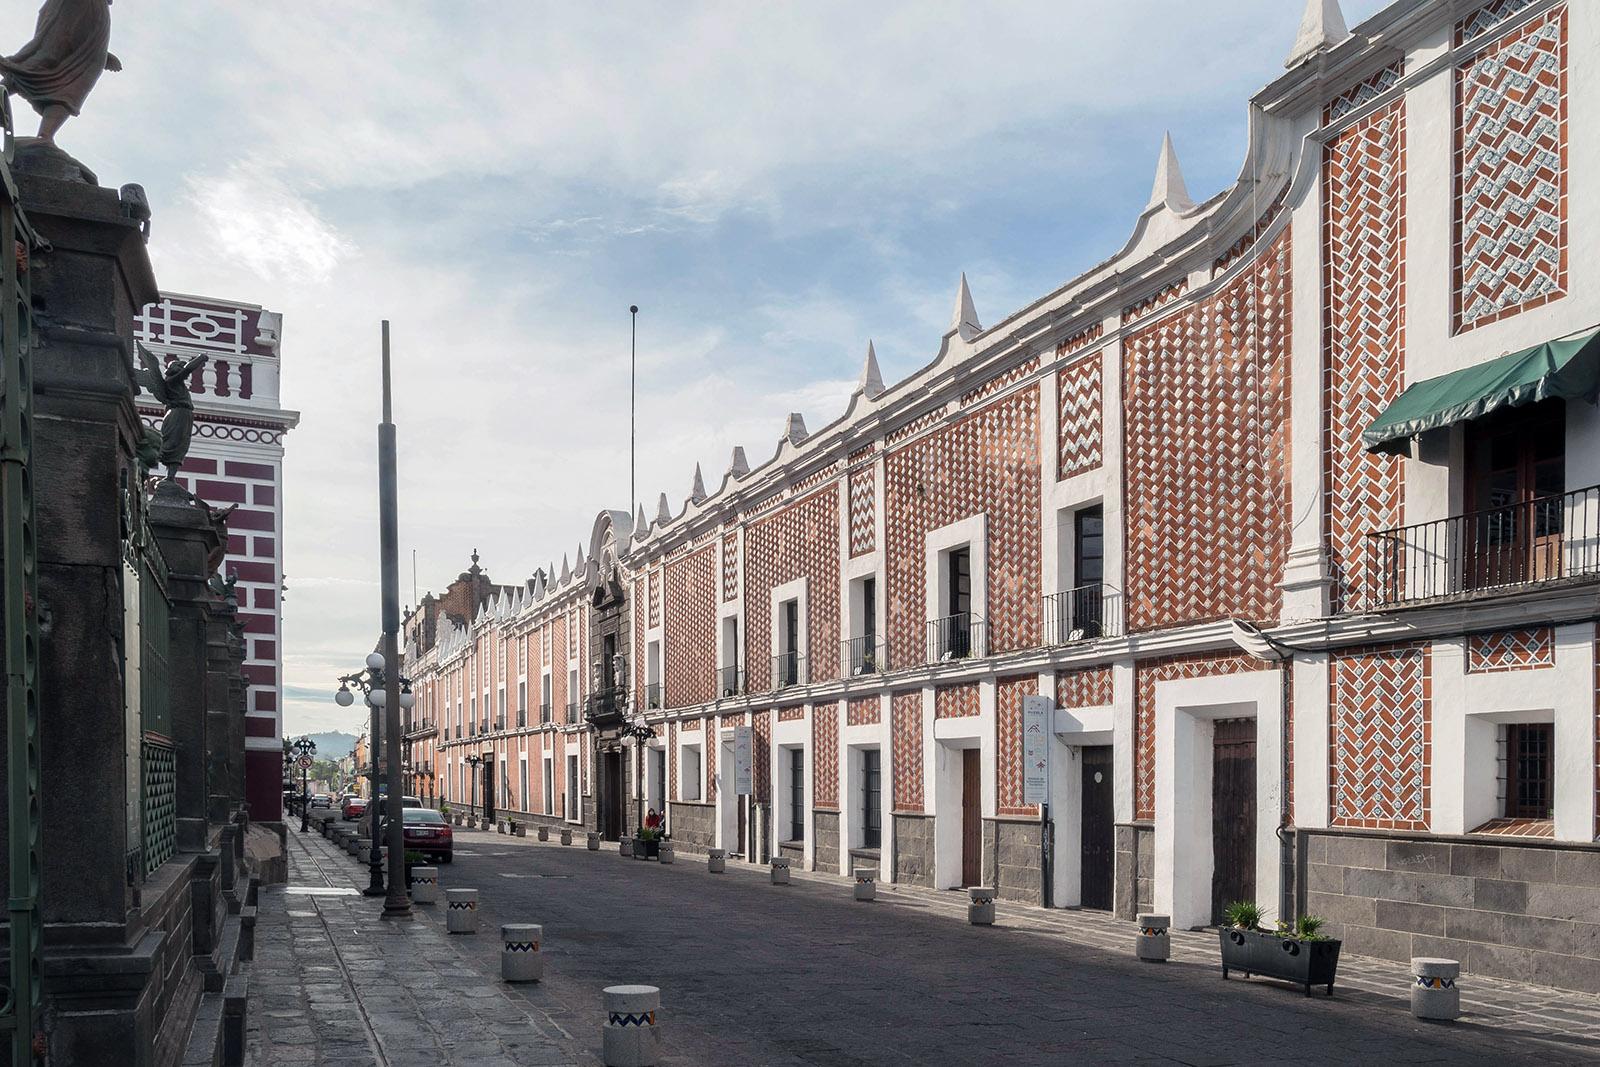 Building with colorful tiles in Puebla de los Ángeles